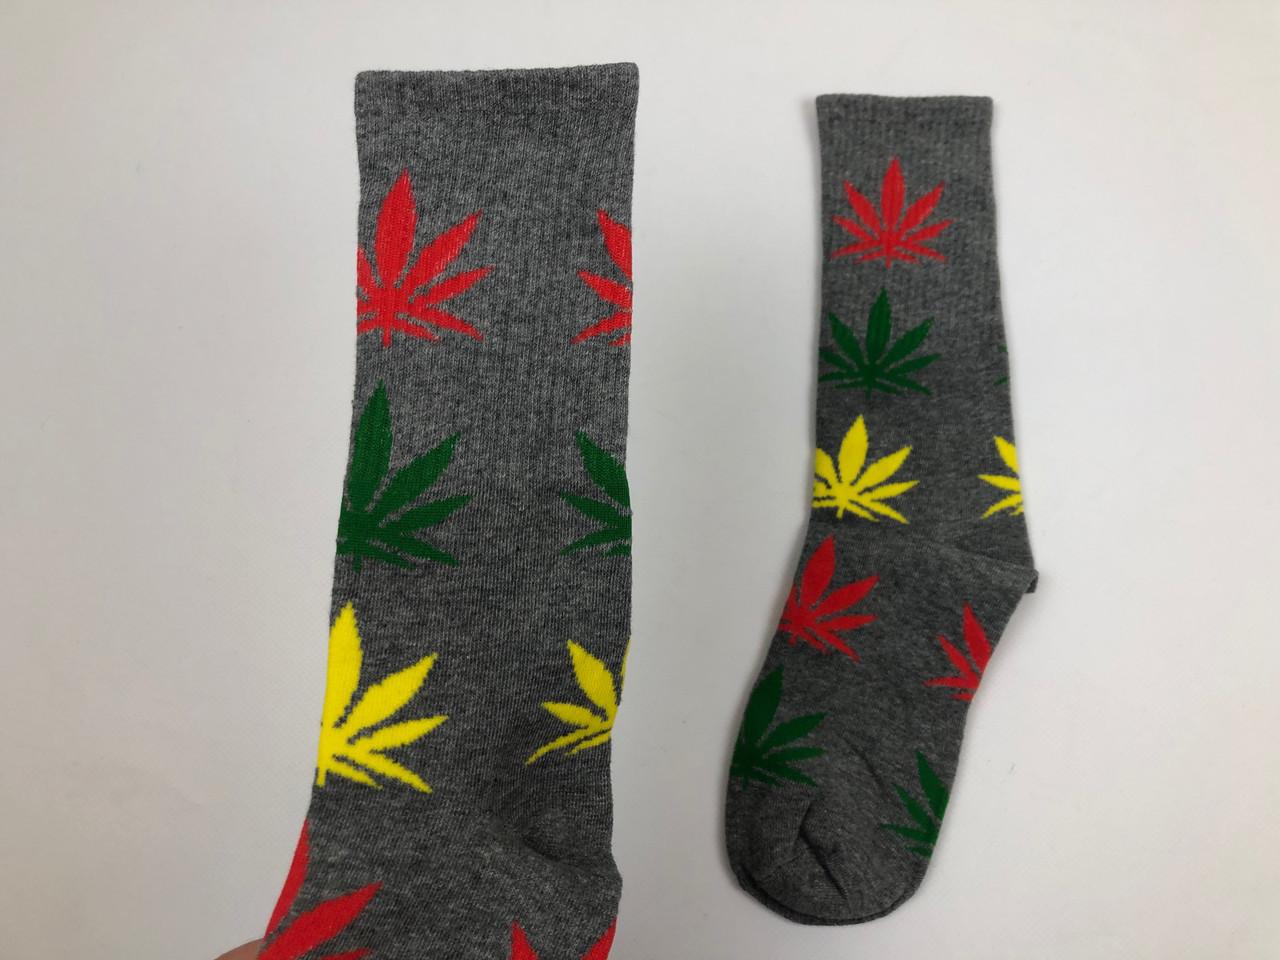 Носки HUF Plantilife - высокие - серые разноцветный лист